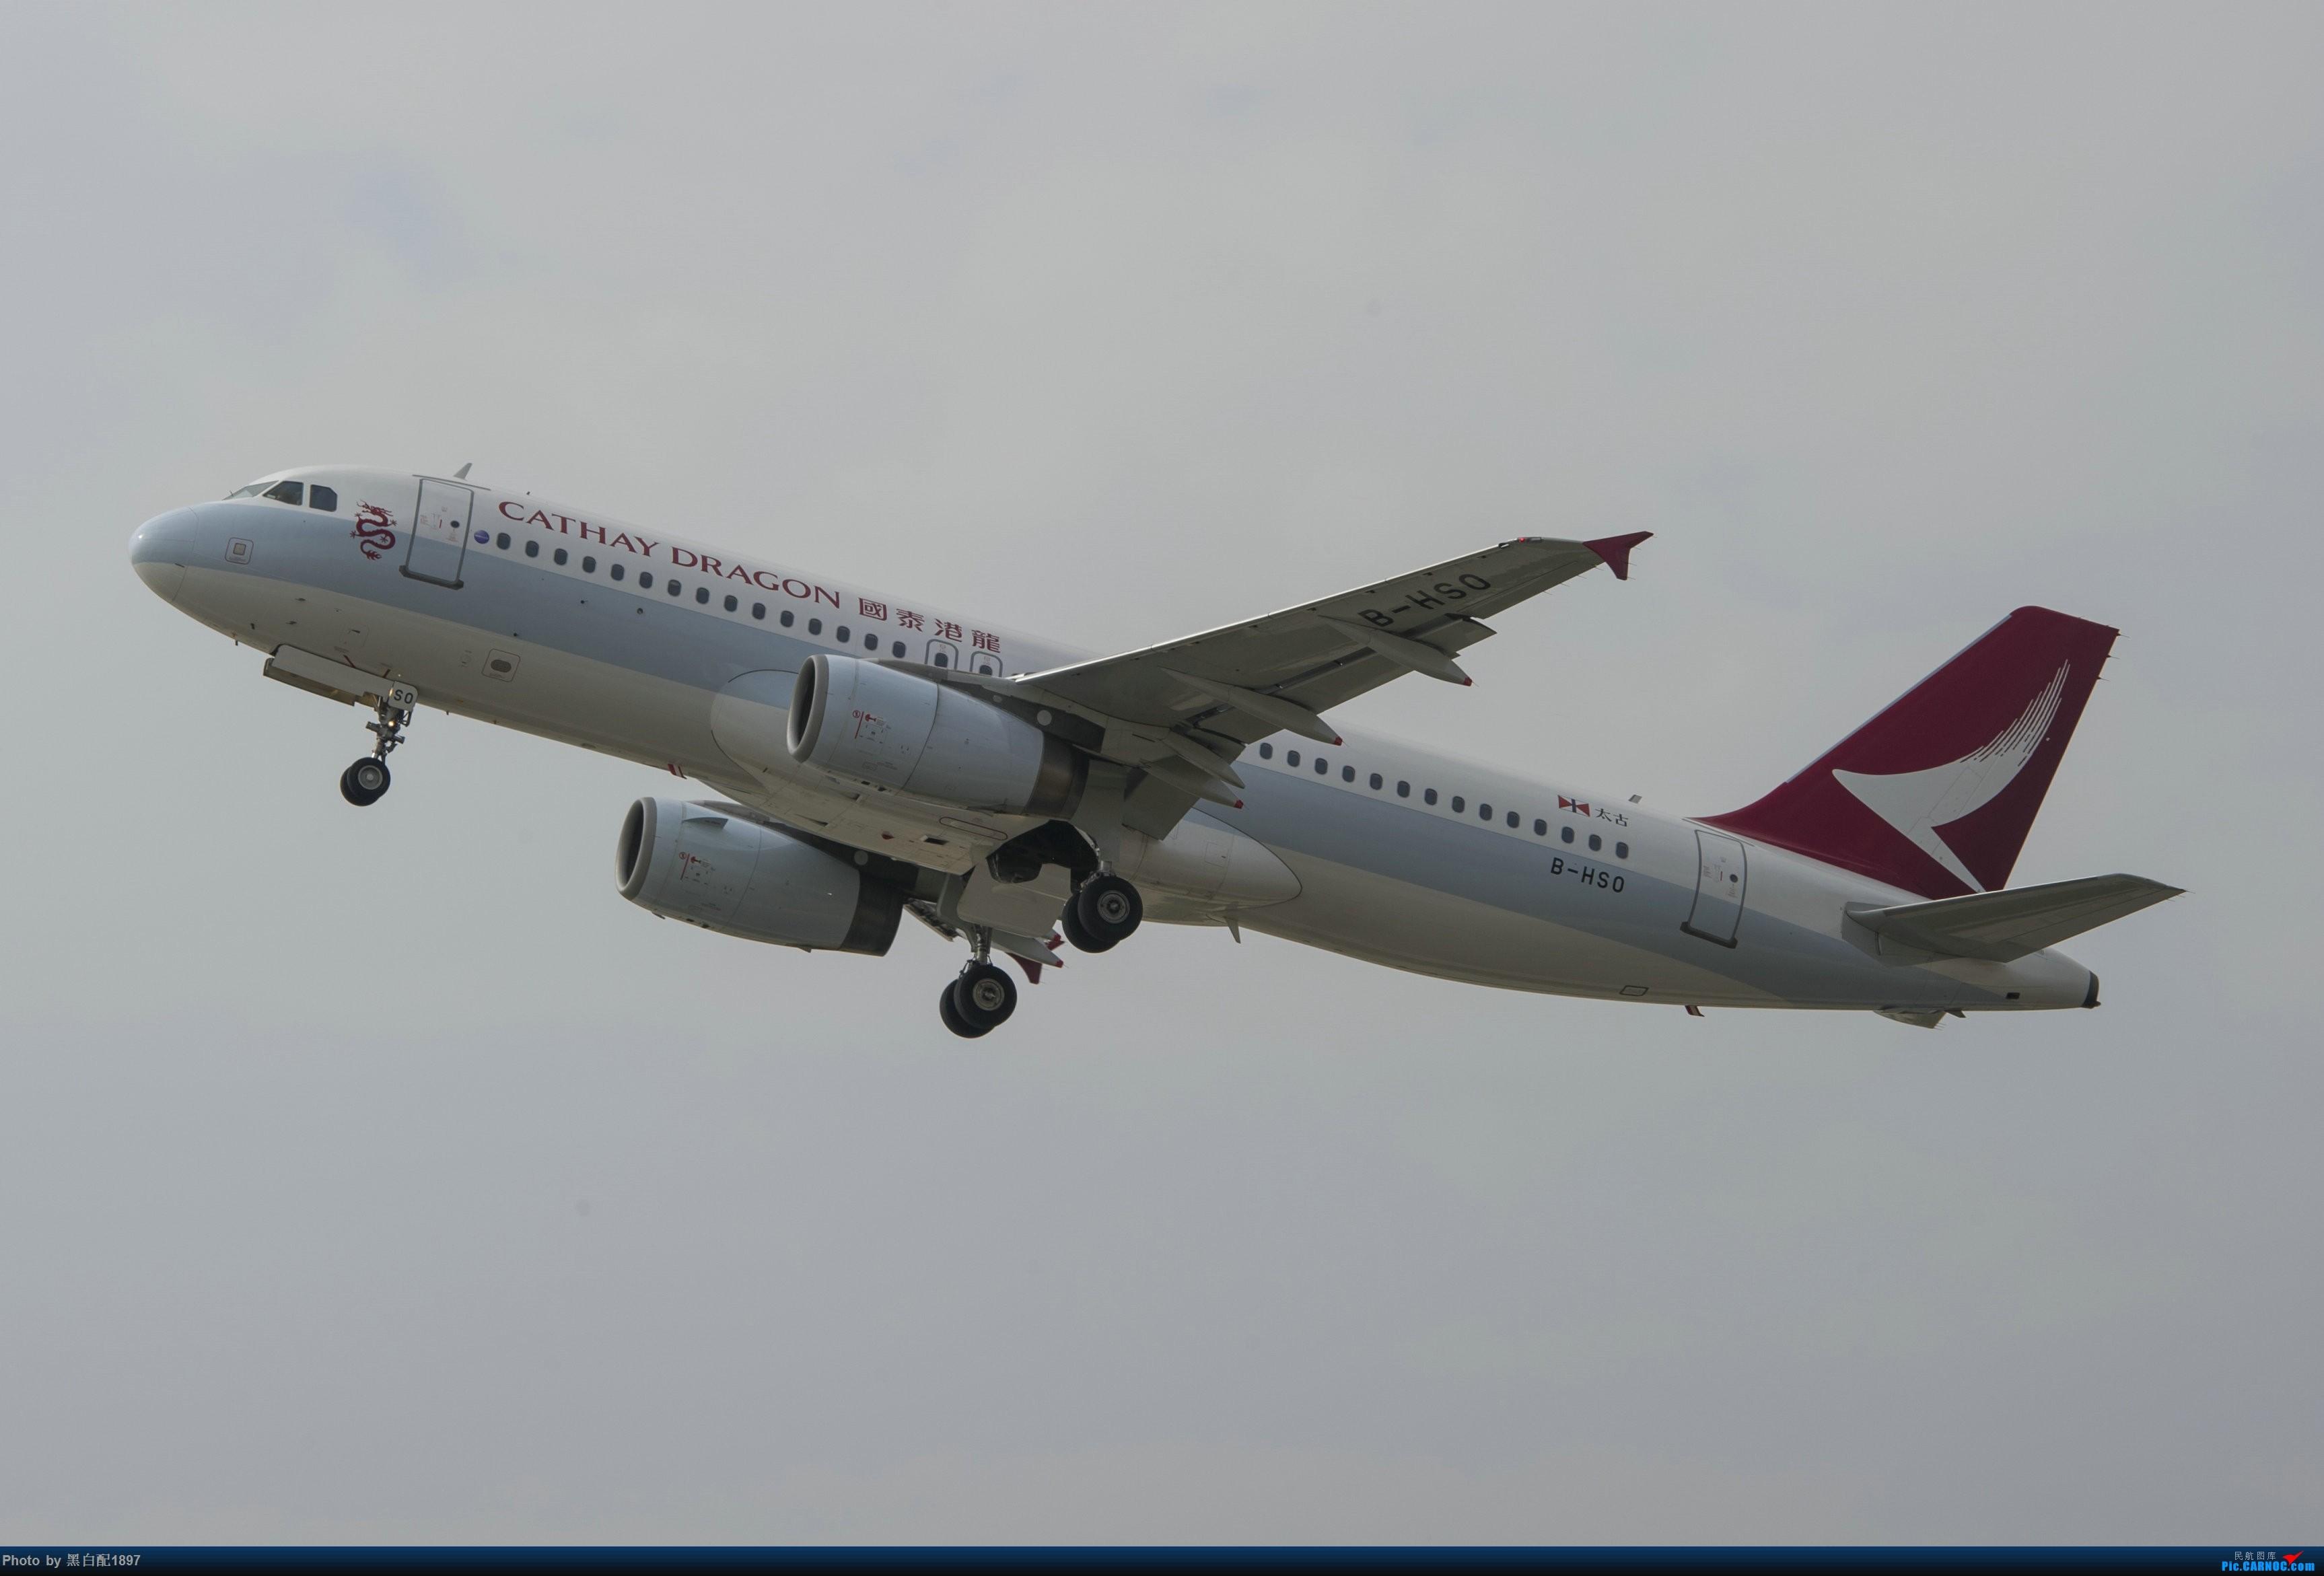 Re:[原创]国庆长水二日游之一 AIRBUS A320-200 B-HSO 中国昆明长水国际机场